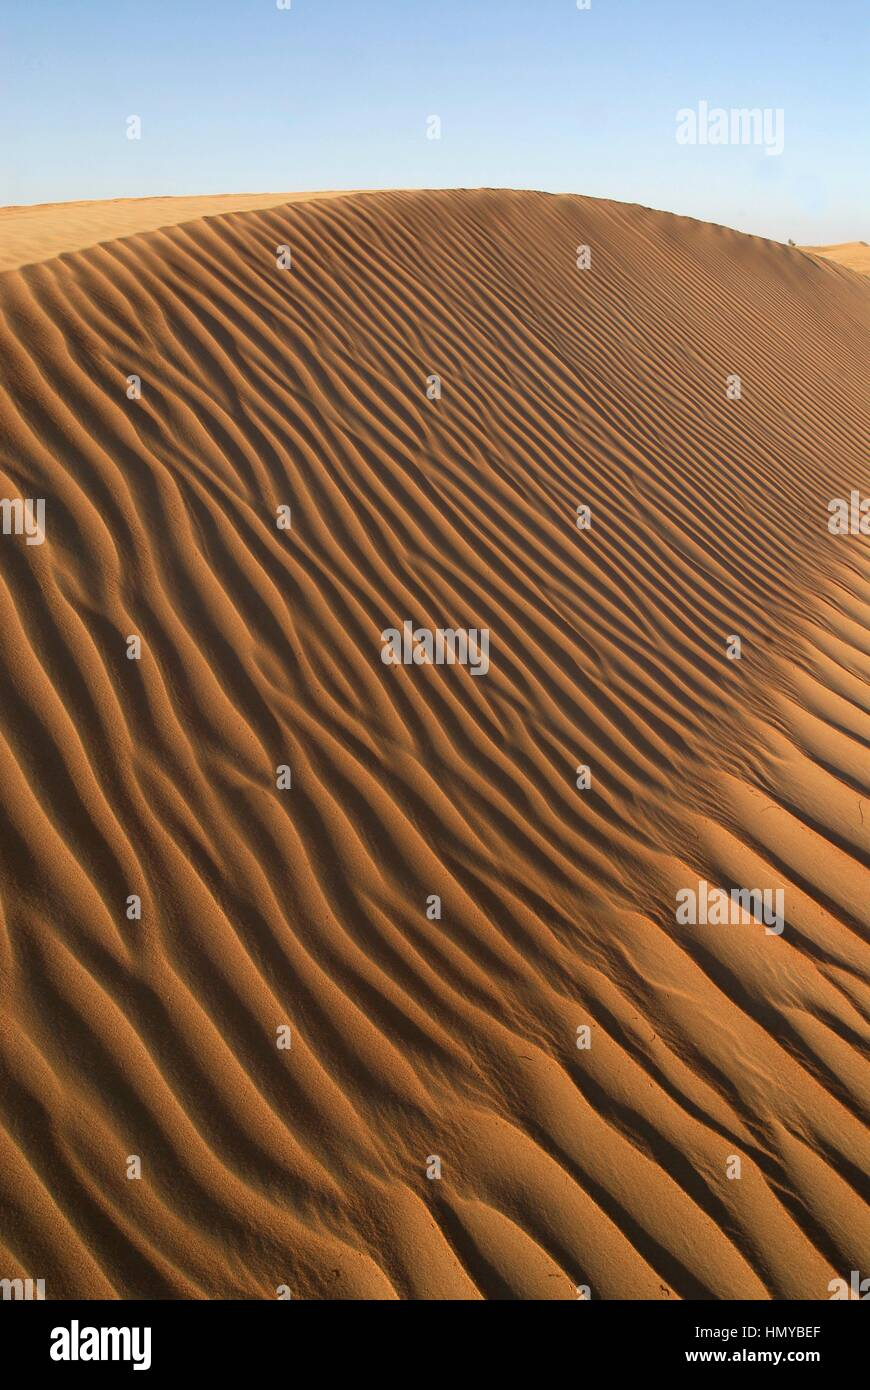 Dubai Conservation Desert Reserve in Mirdif. Dubai. United Arab Emirates. - Stock Image